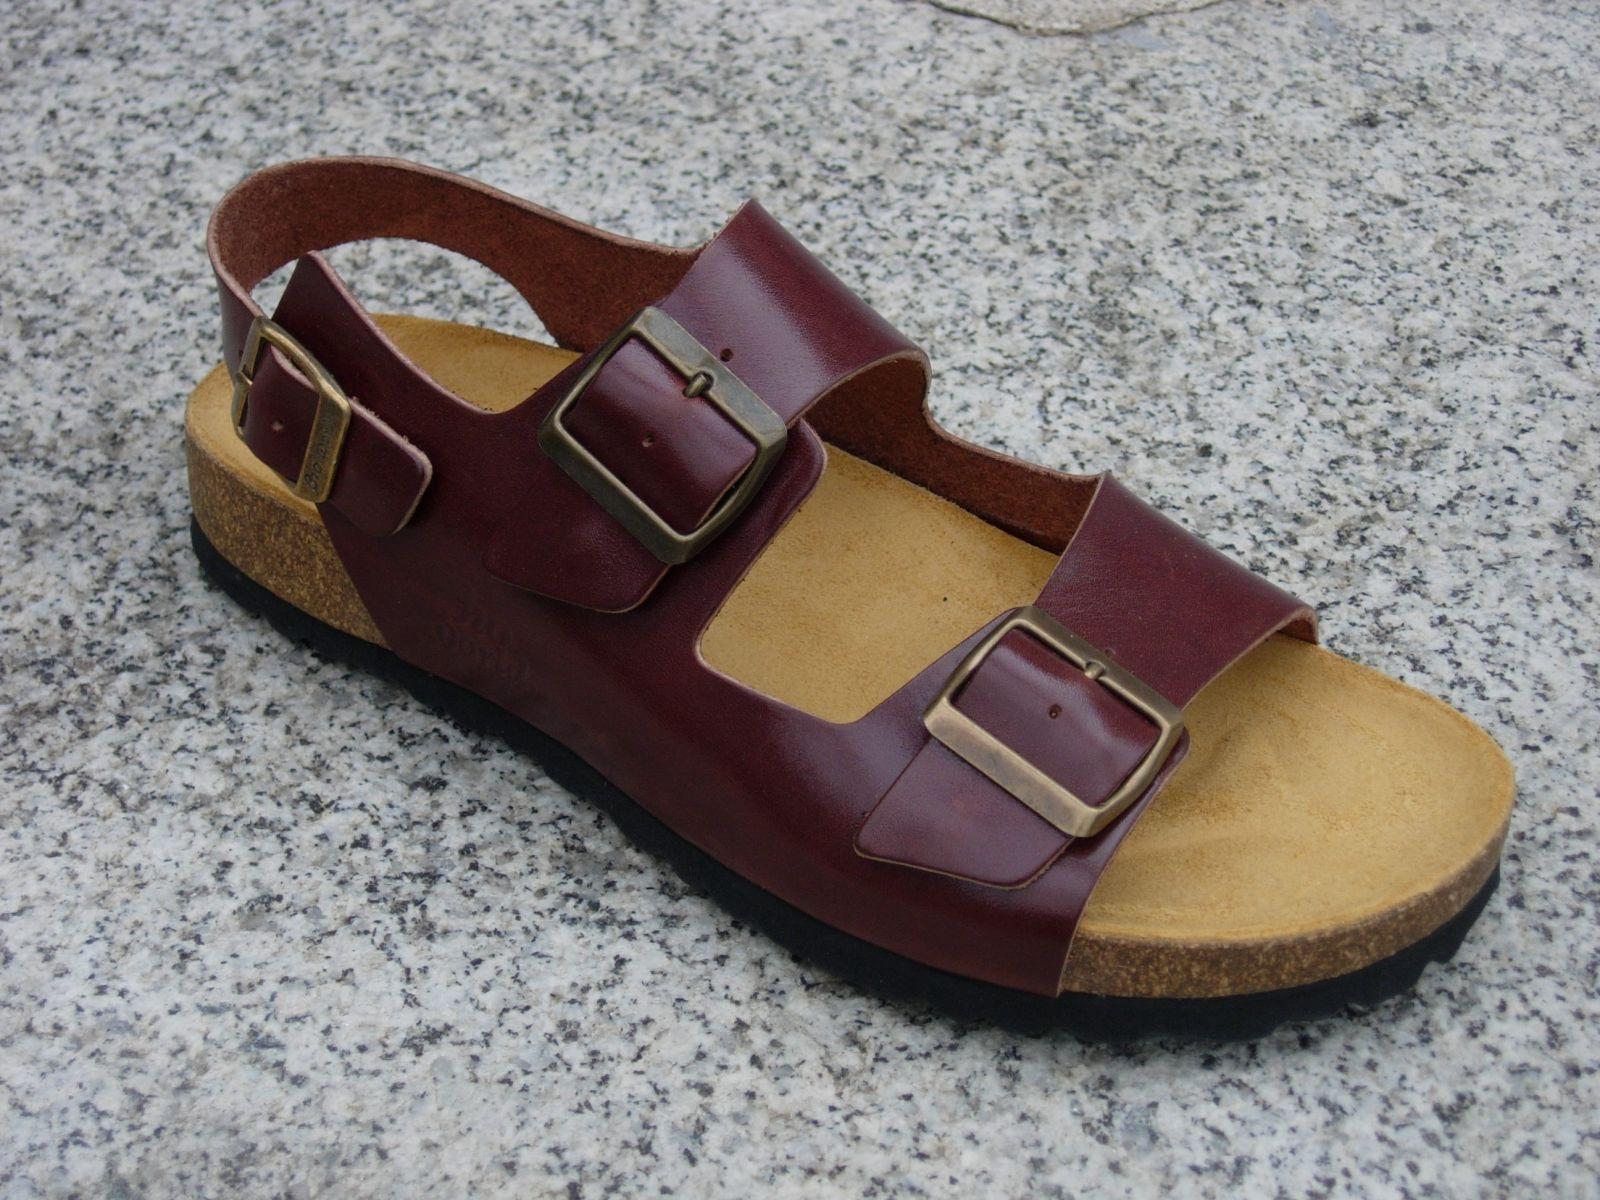 CHAD MARRON, sandalias veganas, sandalias veganas mujer, calzado vegano, sandalias de tacón bajo, sandalias bioworld, vegan shoes.